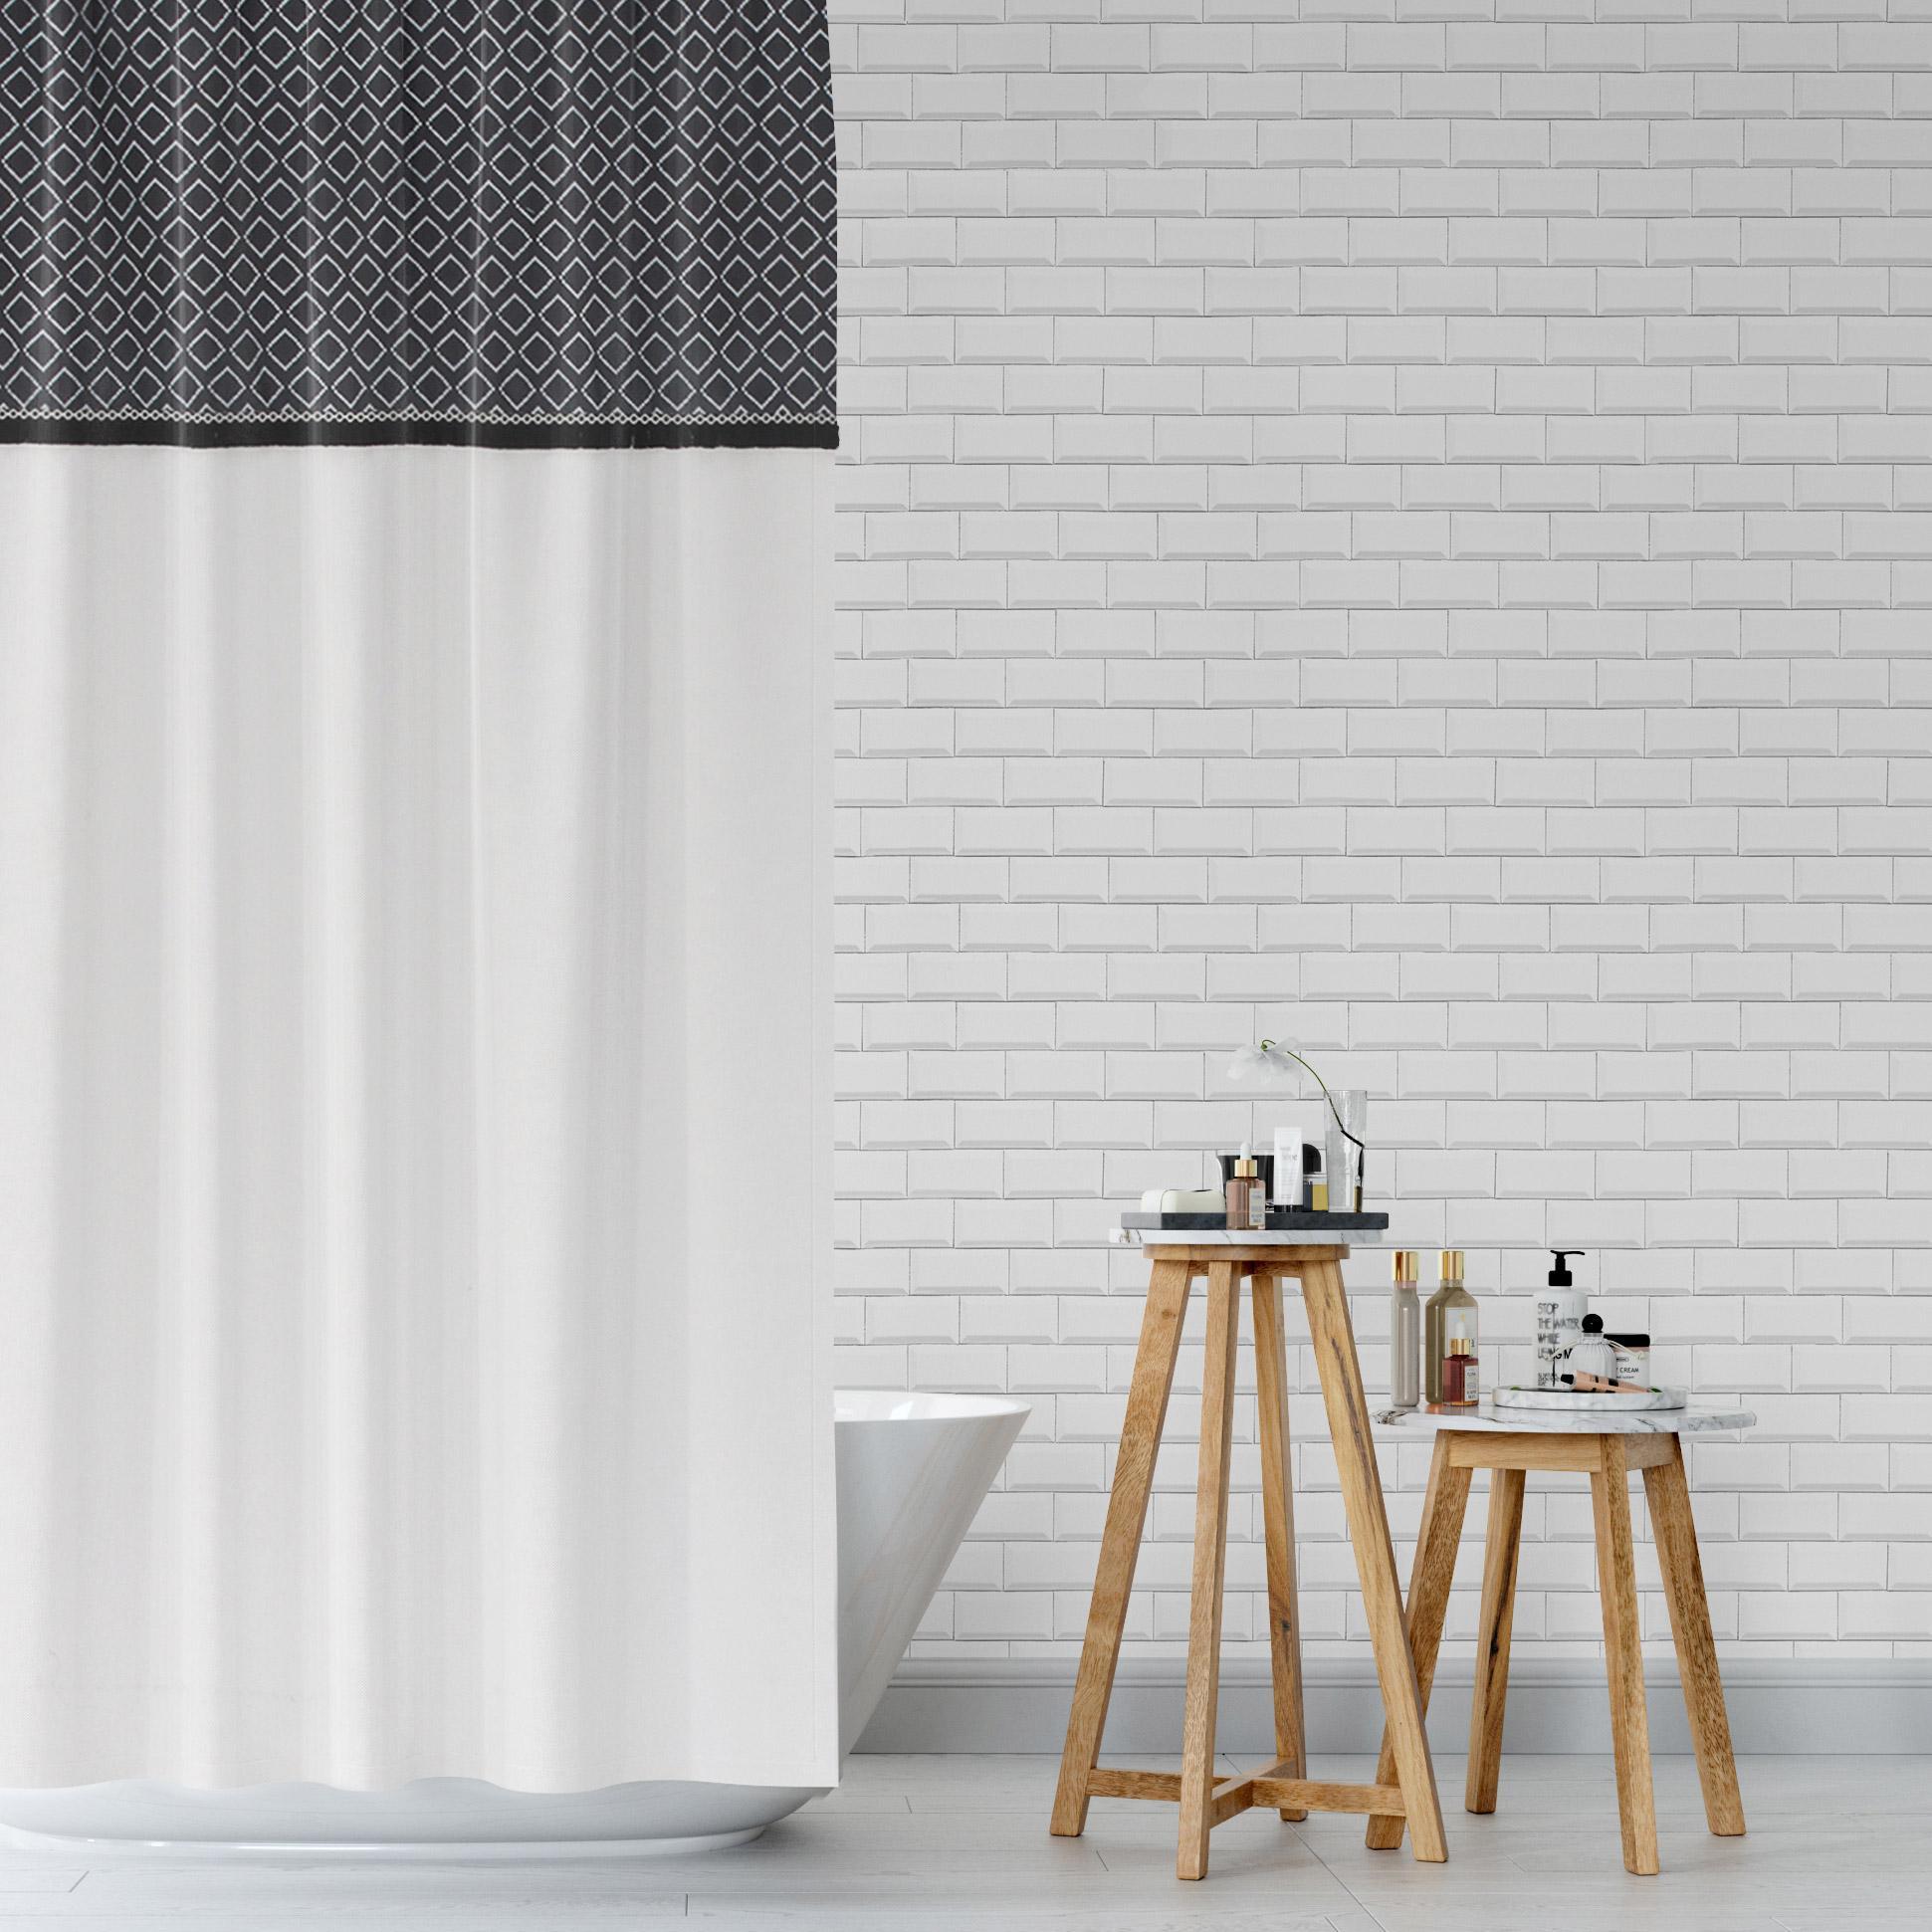 Rideau de douche en textile l.125 x H.175 cm, Folk SENSEA